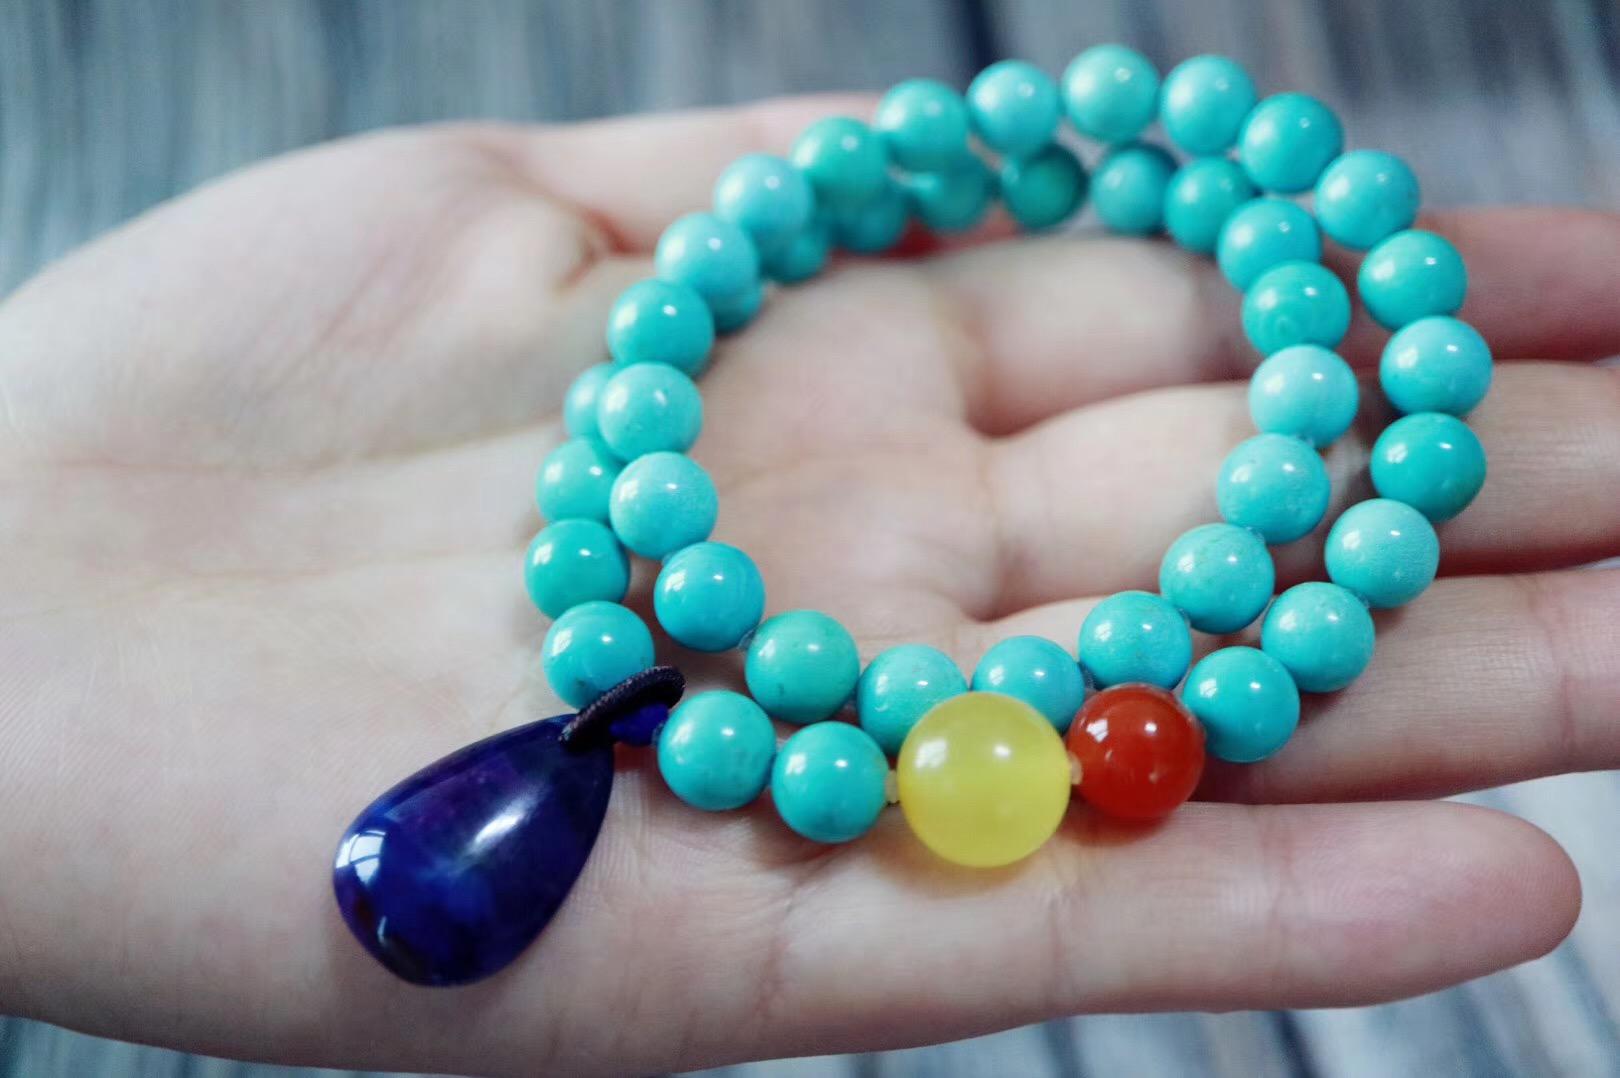 【绿松石 | 舒俱来】佩戴原矿绿松石最有趣的当是她的变色了-菩心晶舍